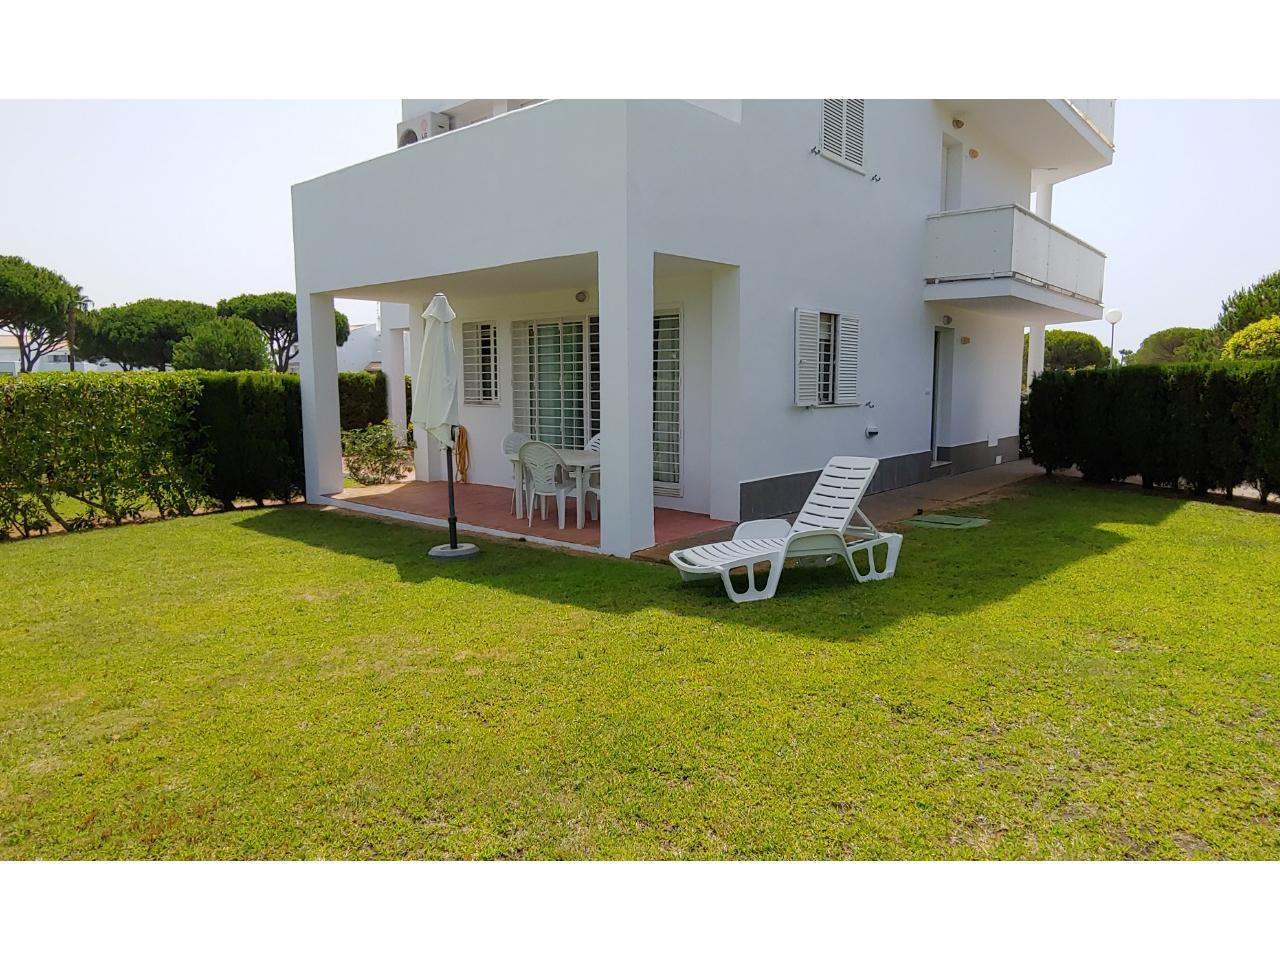 Apartamento en alquiler en Chiclana, Urbanización Retama Golf